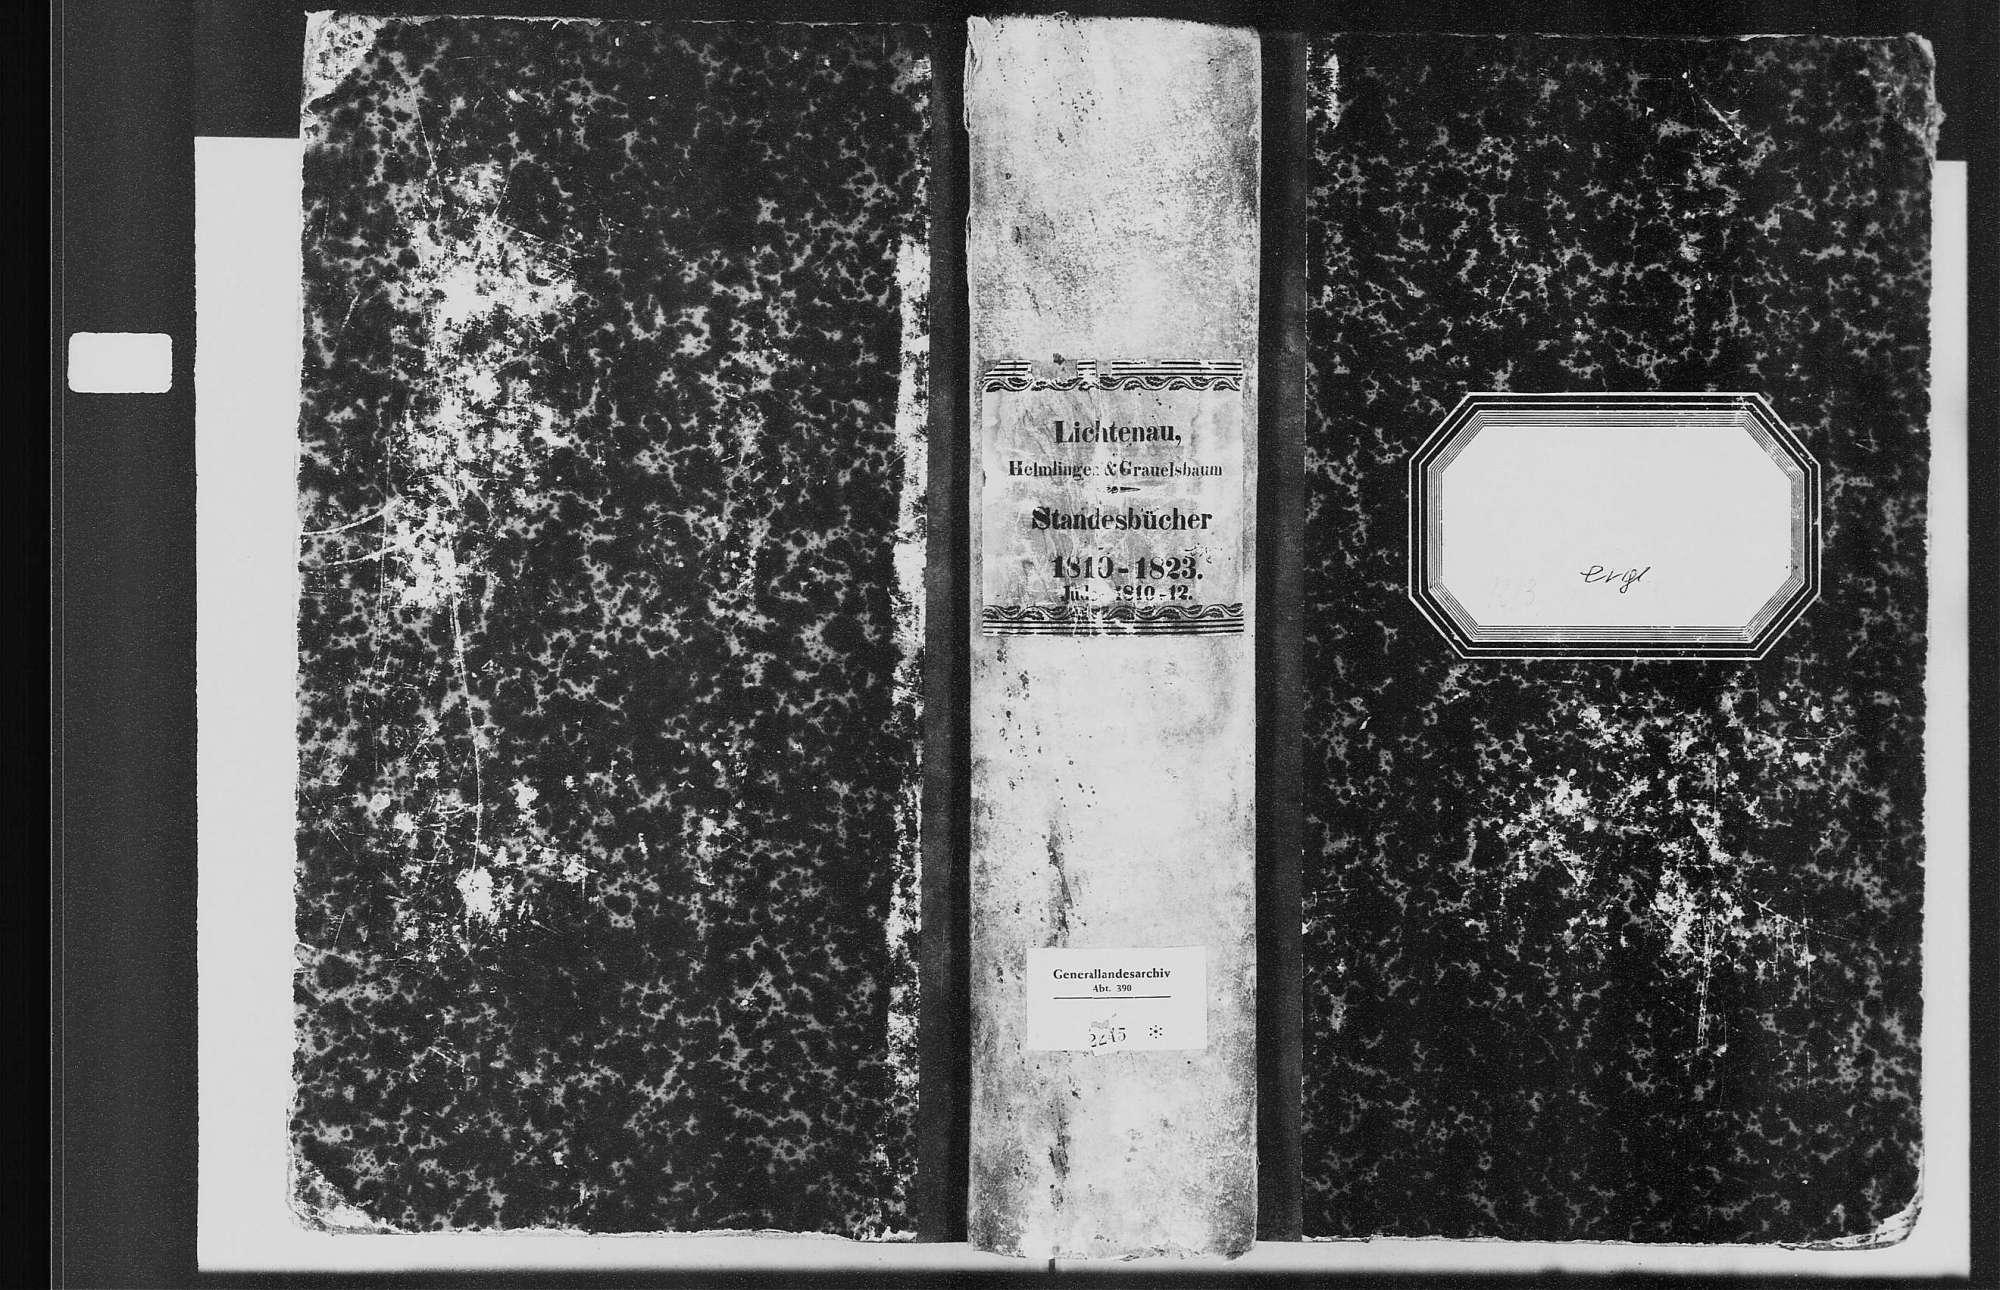 Lichtenau, evangelische Gemeinde: Standesbuch 1810-1823, Bild 1